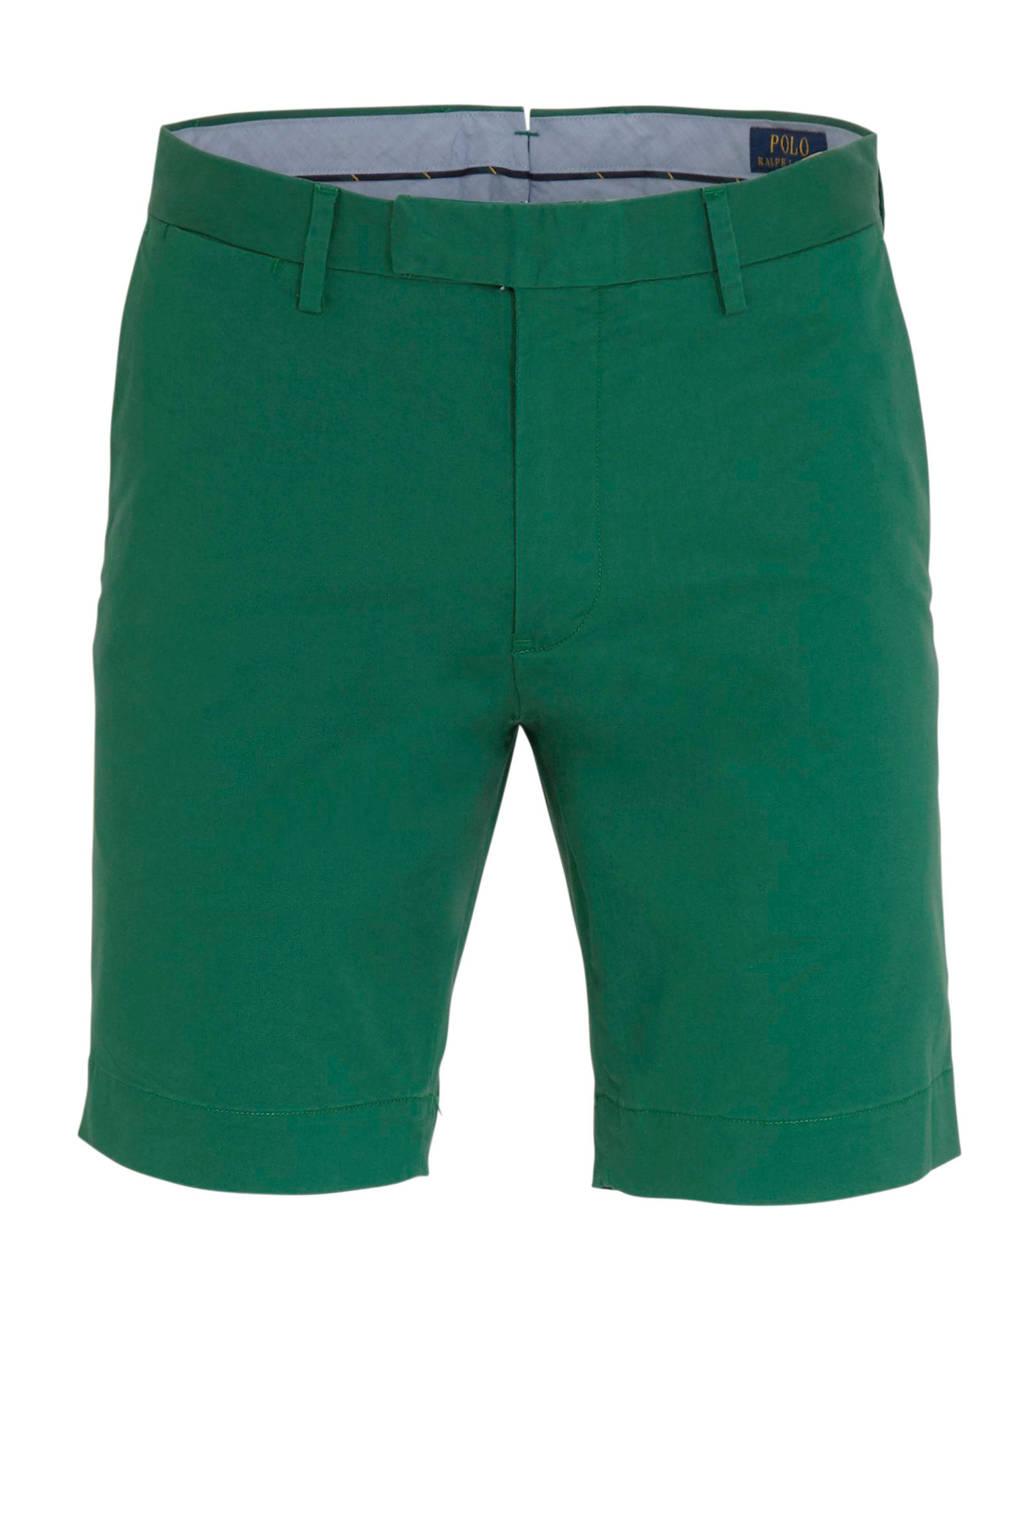 POLO Ralph Lauren slim fit bermuda groen, Groen